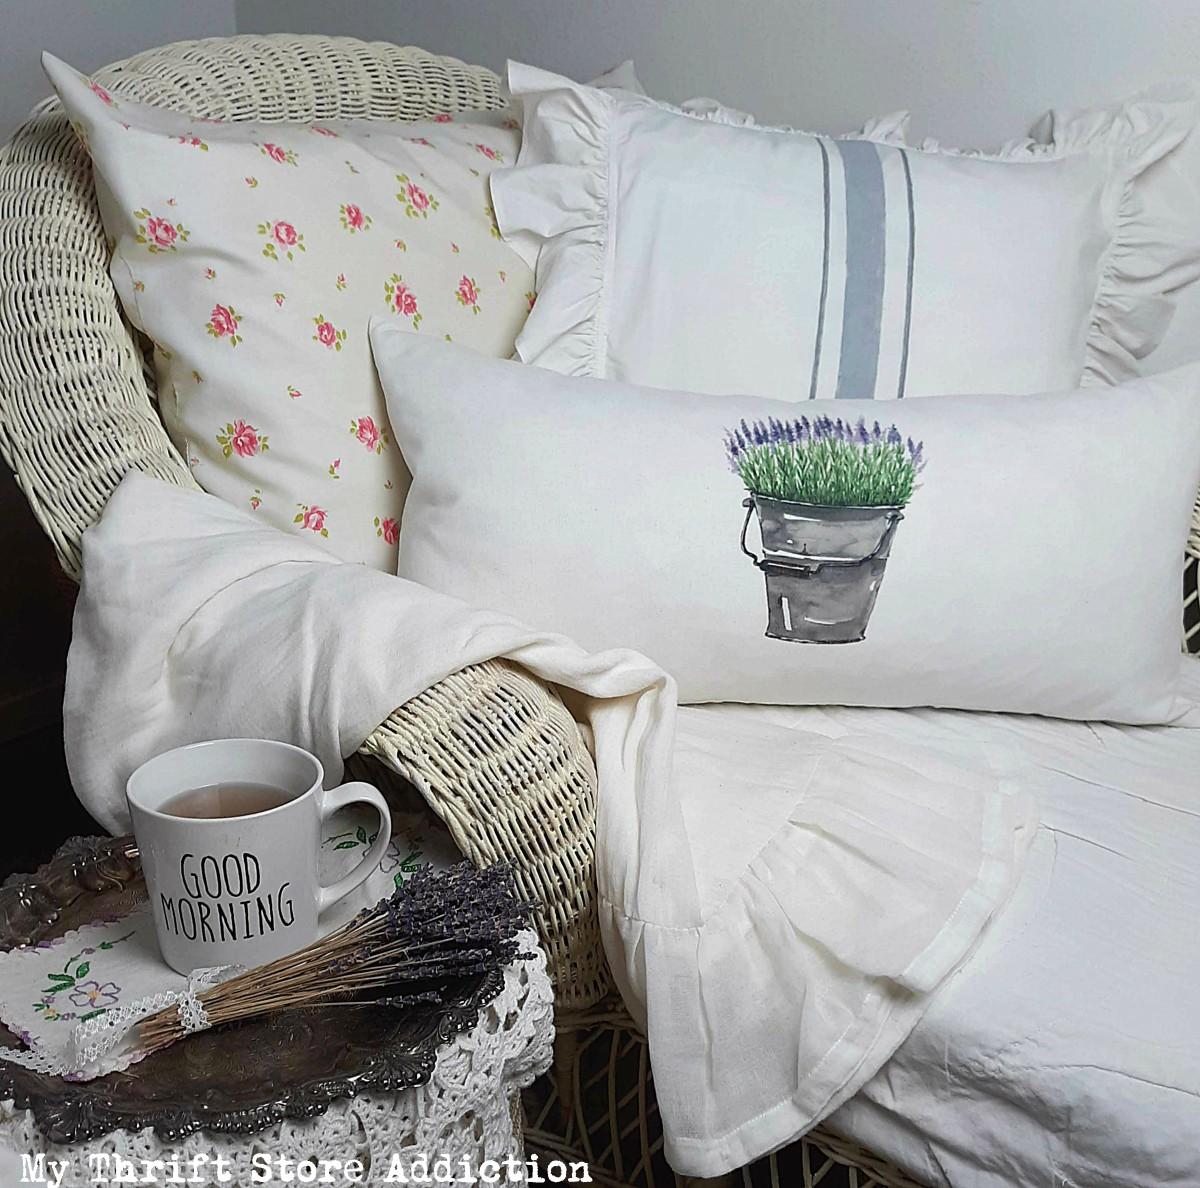 repurposed flour sack towel pillow